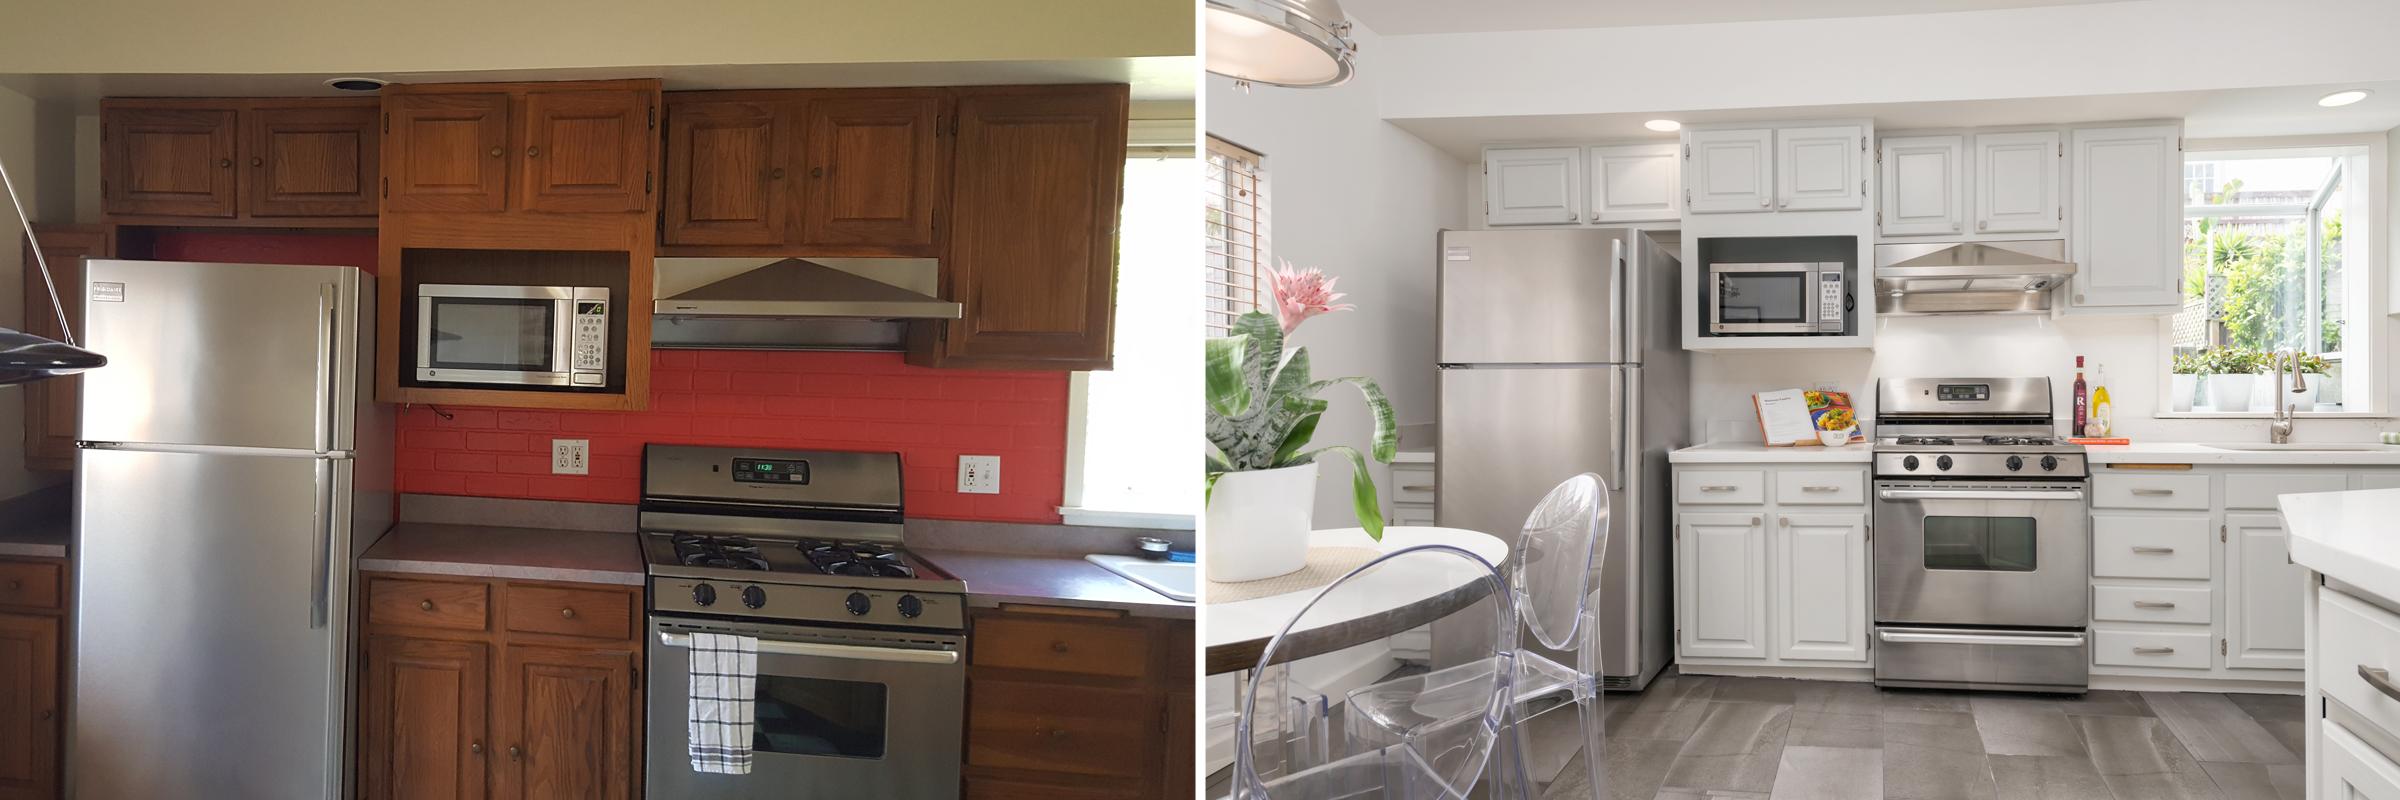 166 ellsworth kitchen 2 with line.jpg